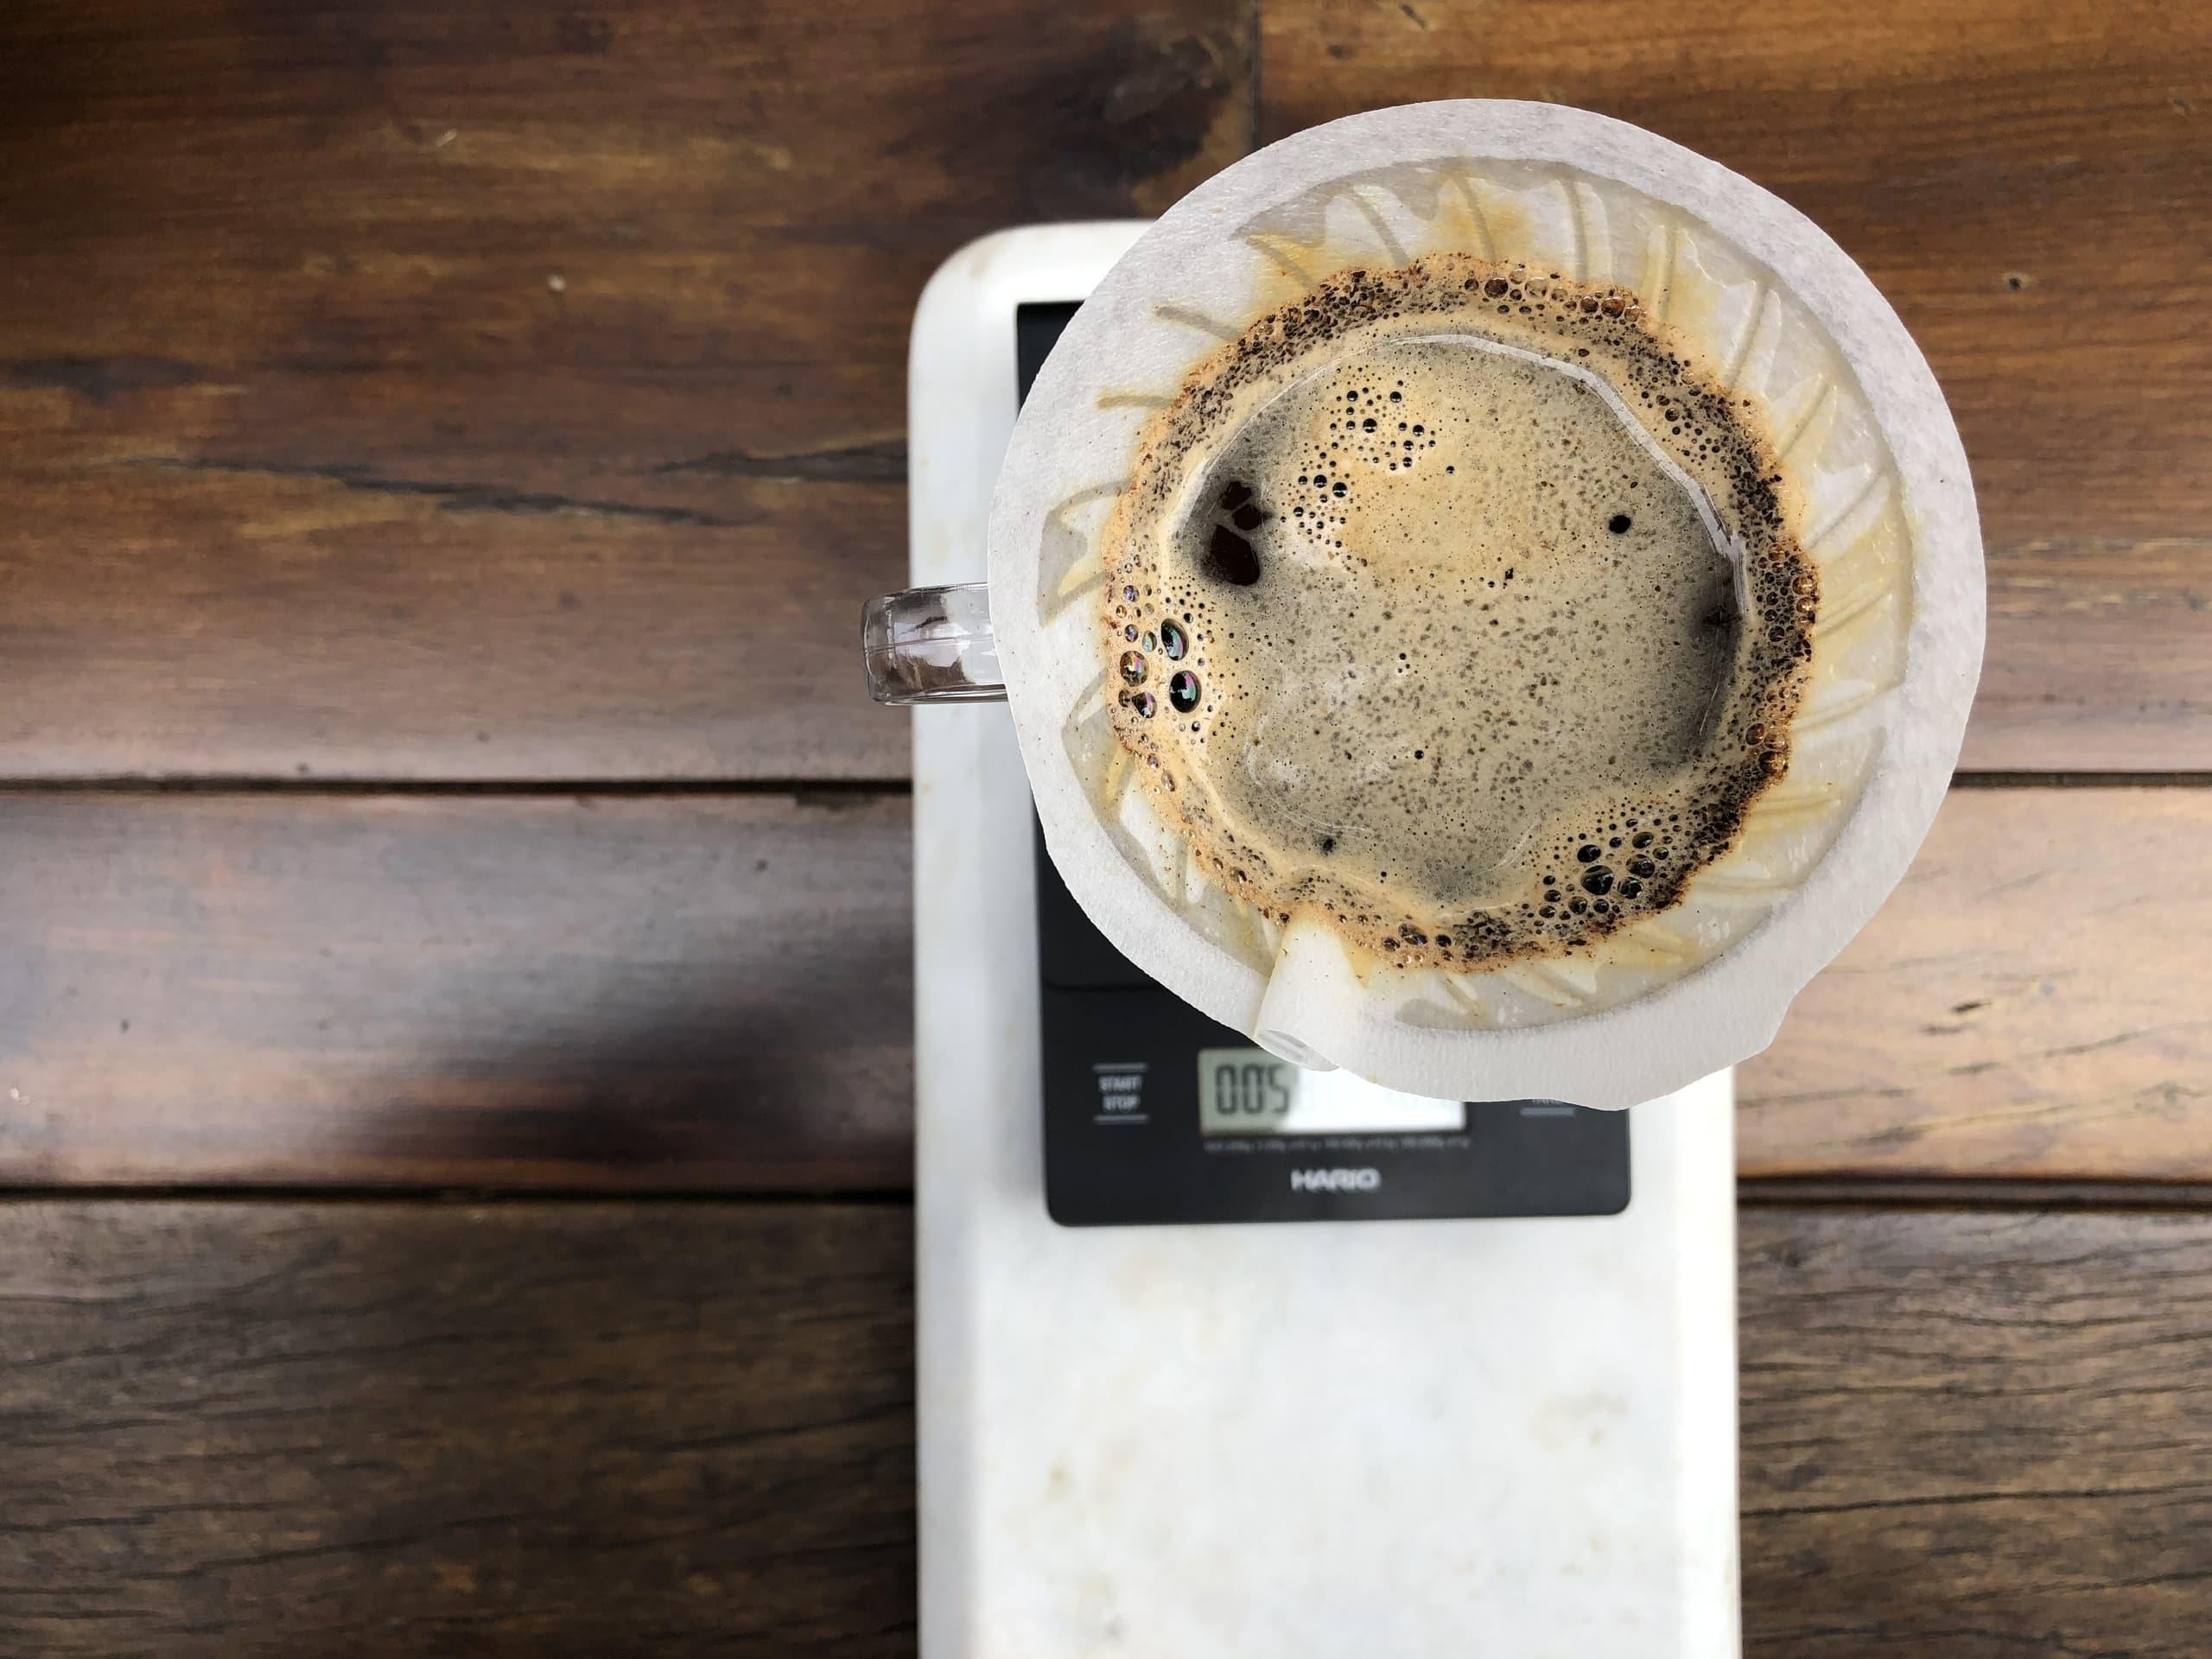 Imagem: Café especial filtrado na Hario V60. Nas próximas quedas mire bem no meio do coador - isso evita que você destrua a parede de pó que foi formada em volta do filtro. Foto: Arquiteca Projetos Afetivos.